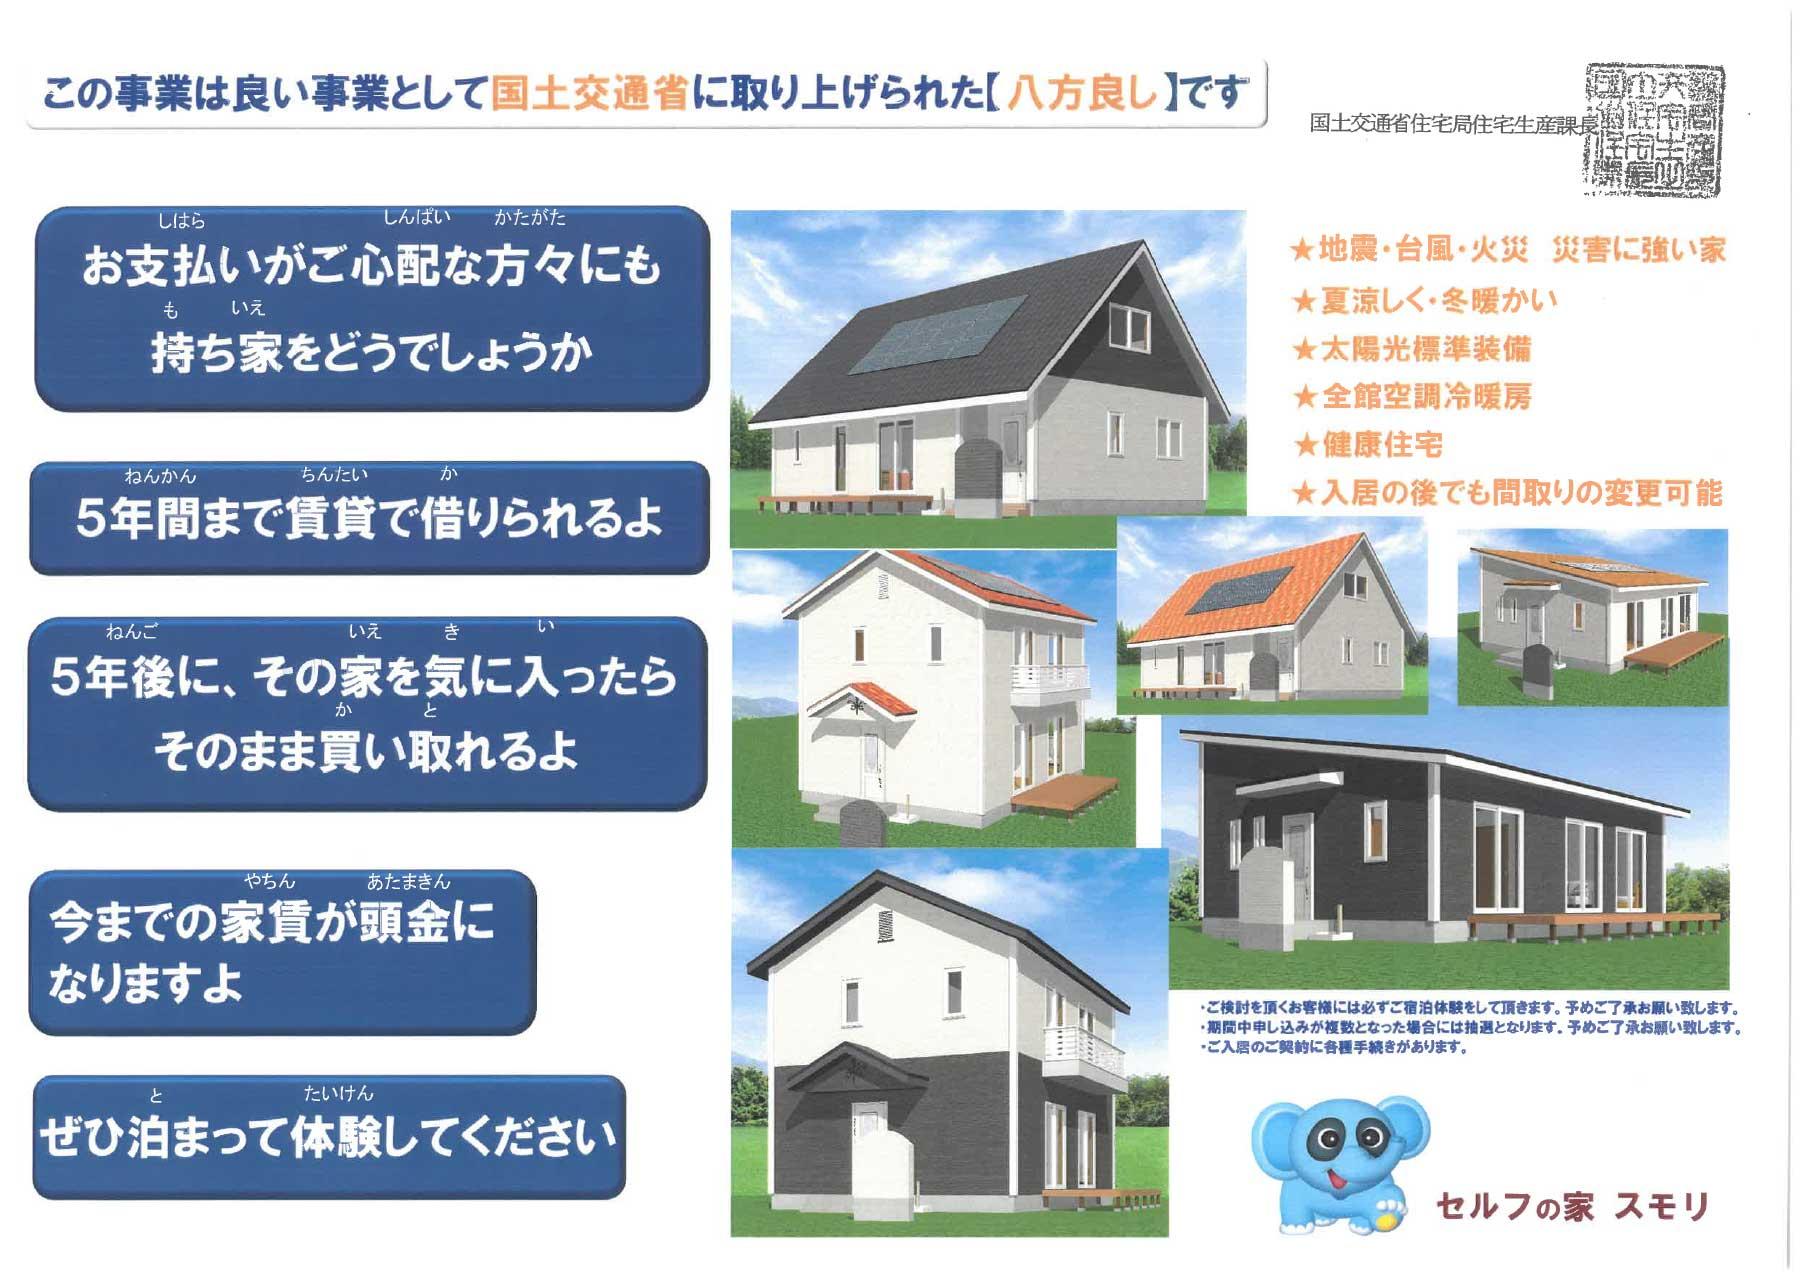 平成30年度住宅ストック維持 向上促進事業の新規事業